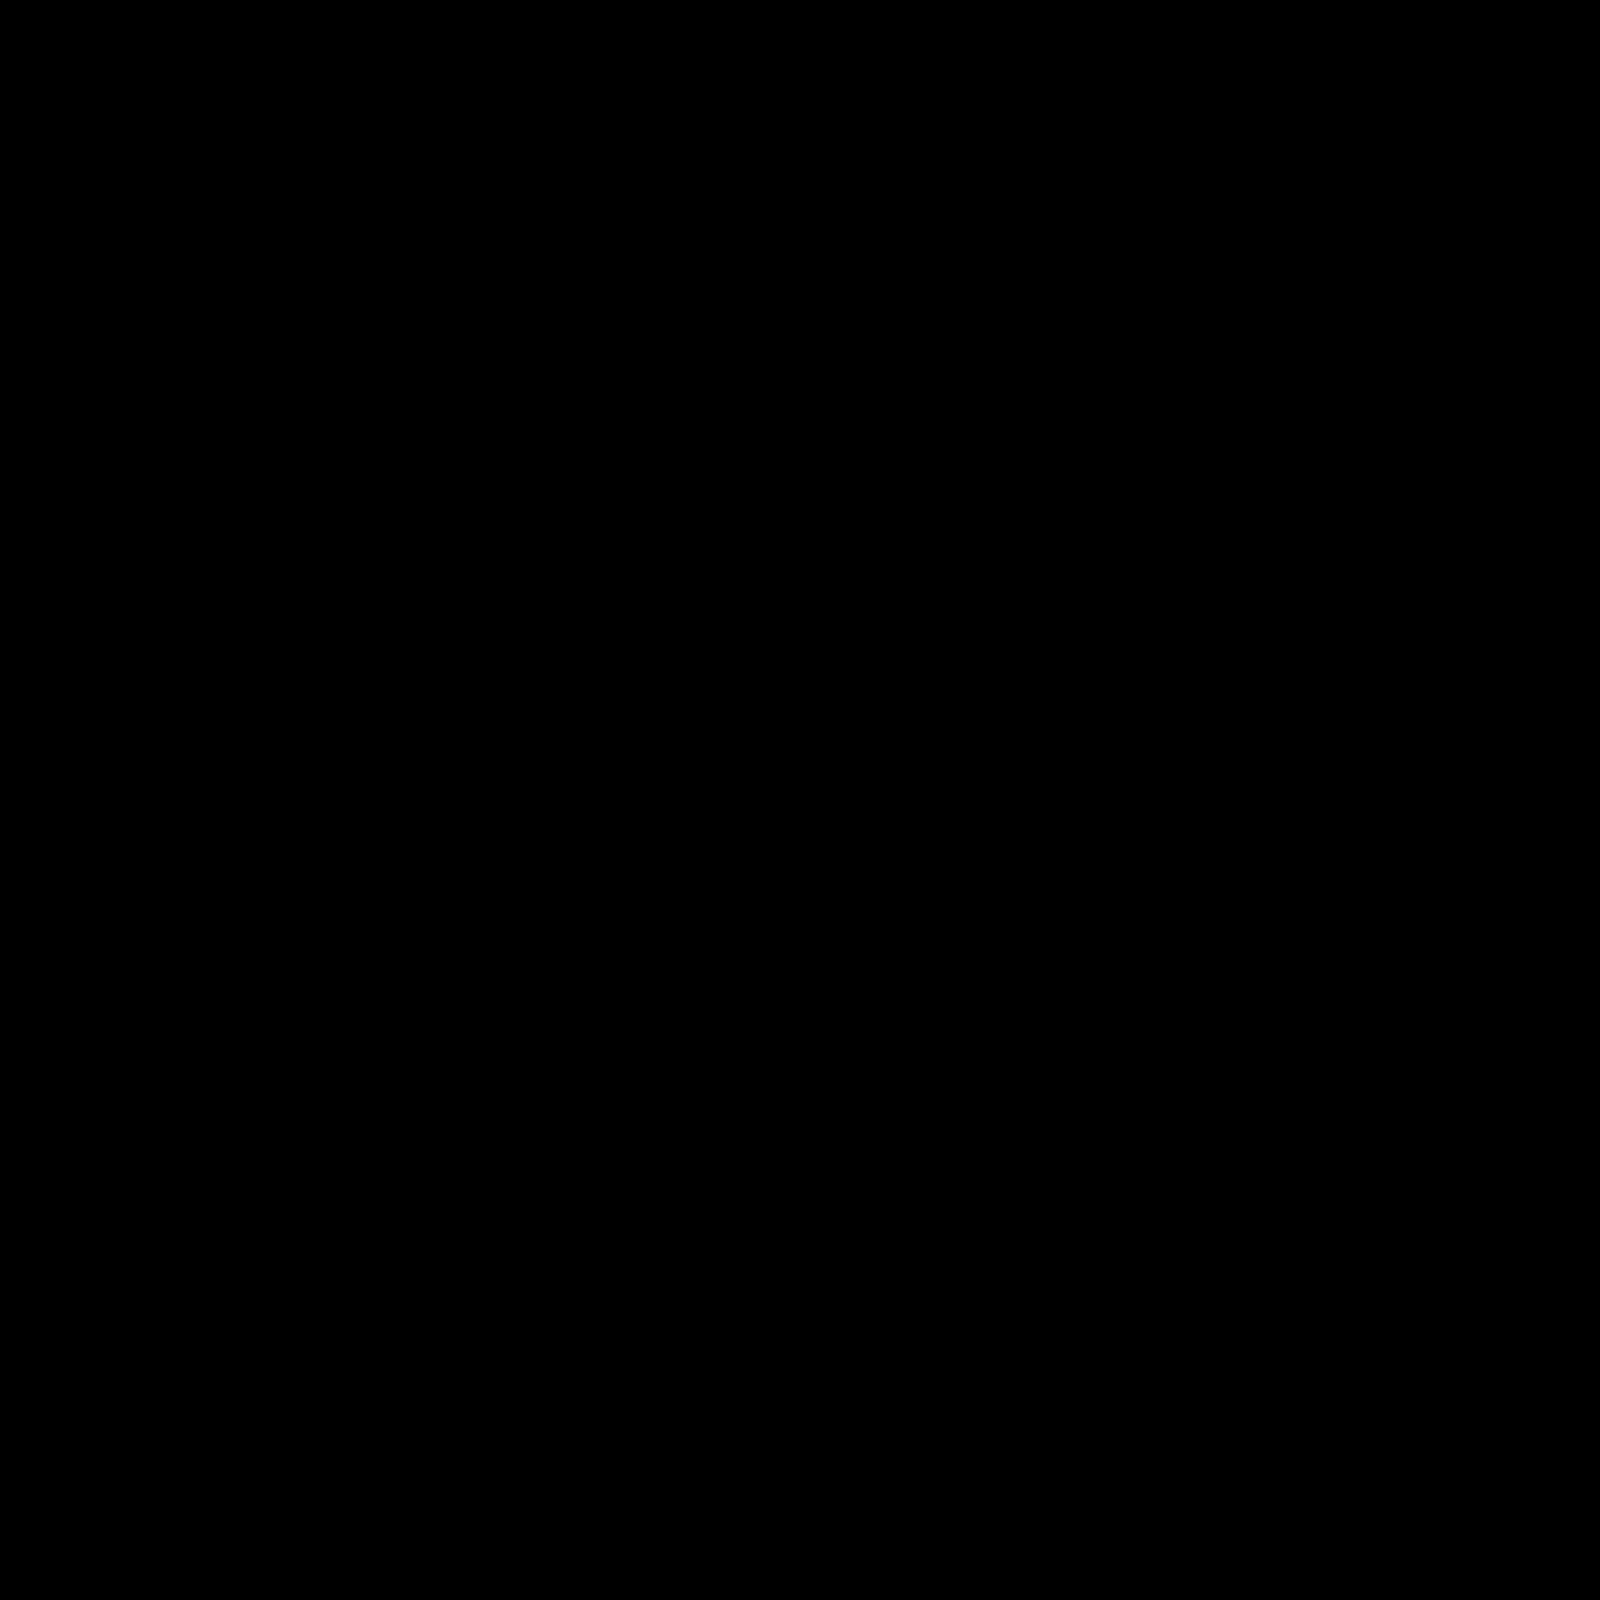 Bathhouse icon